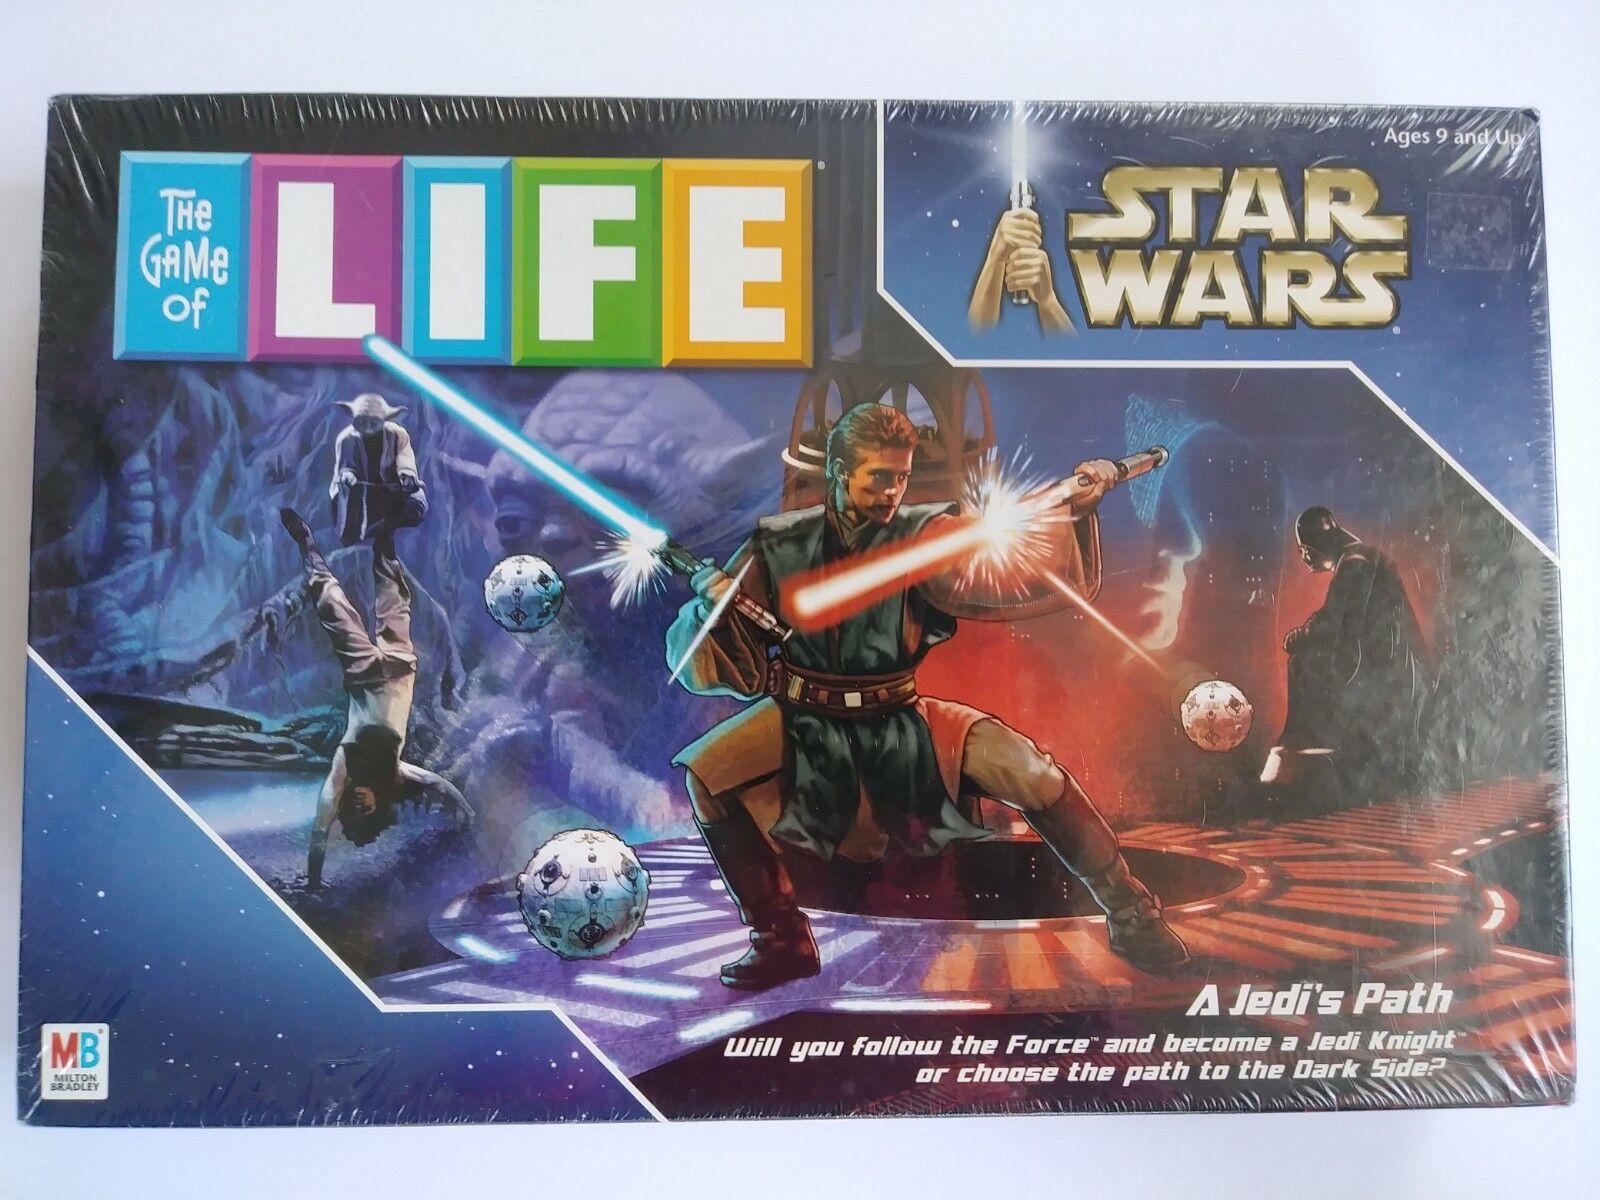 Star Wars un jedi le chemin le jeu de la vie jeu de plateau 2002 neuf scellé